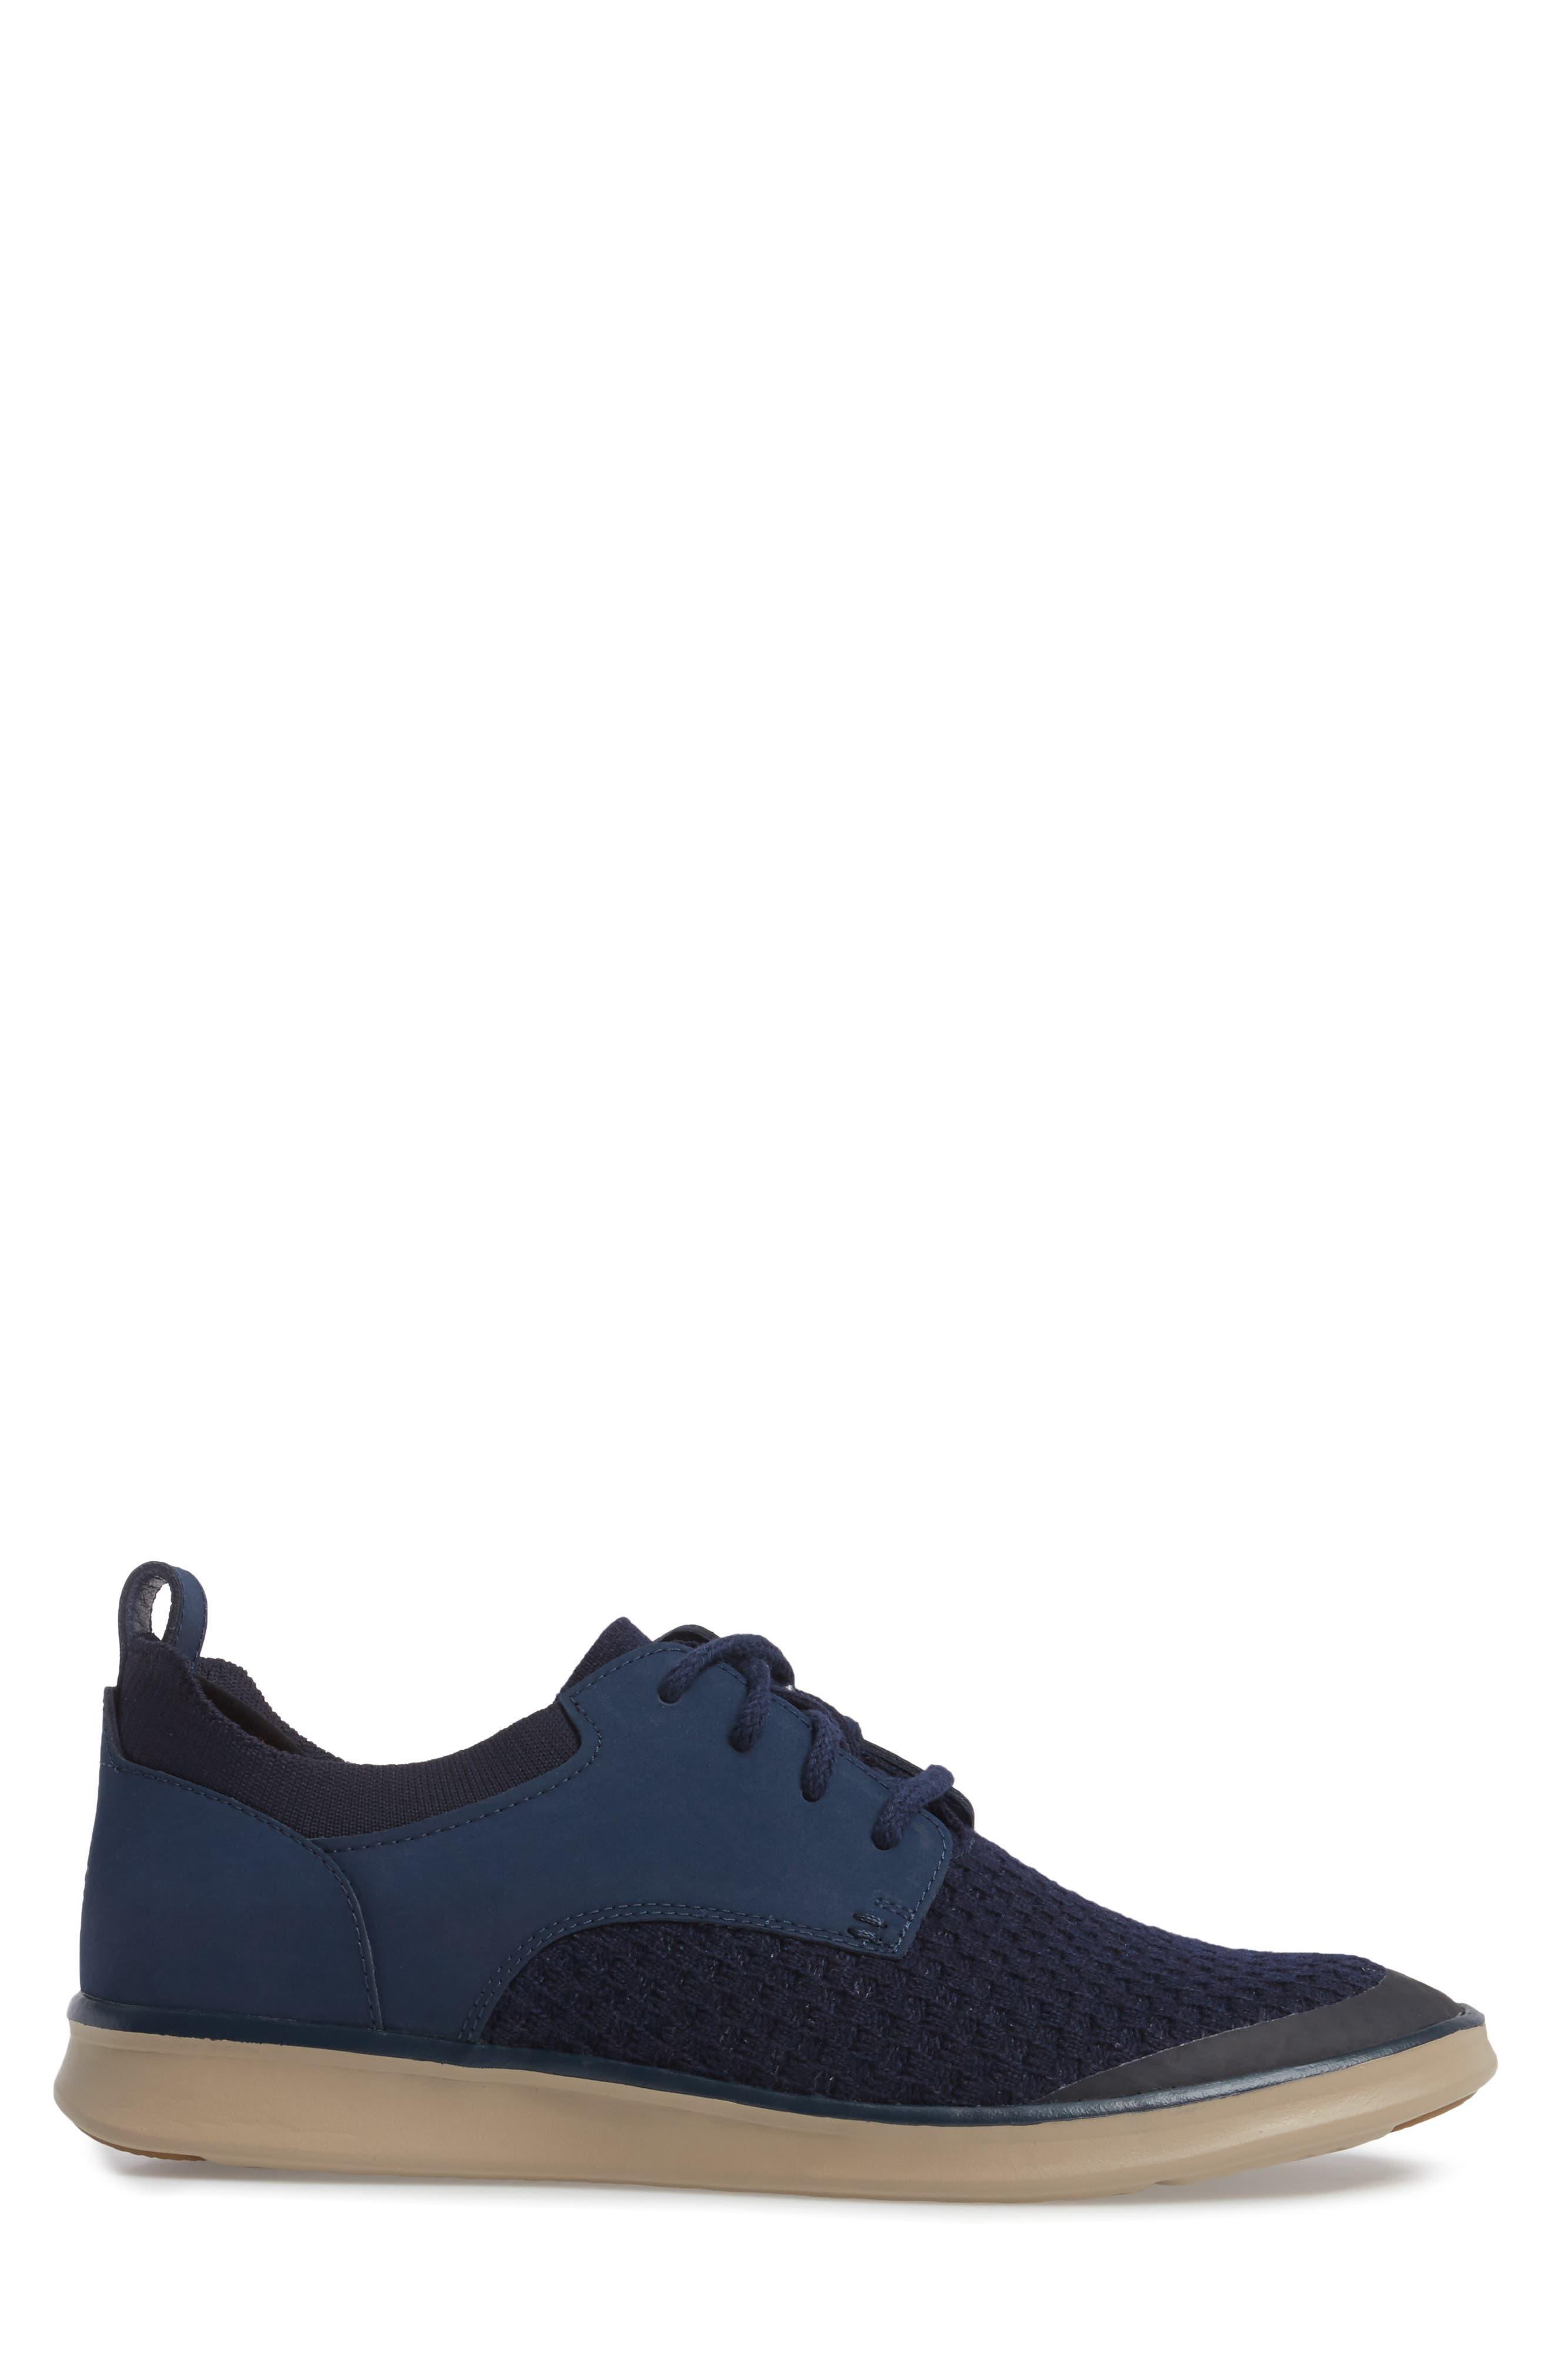 Hepner HyperWeave Sneaker,                             Alternate thumbnail 9, color,